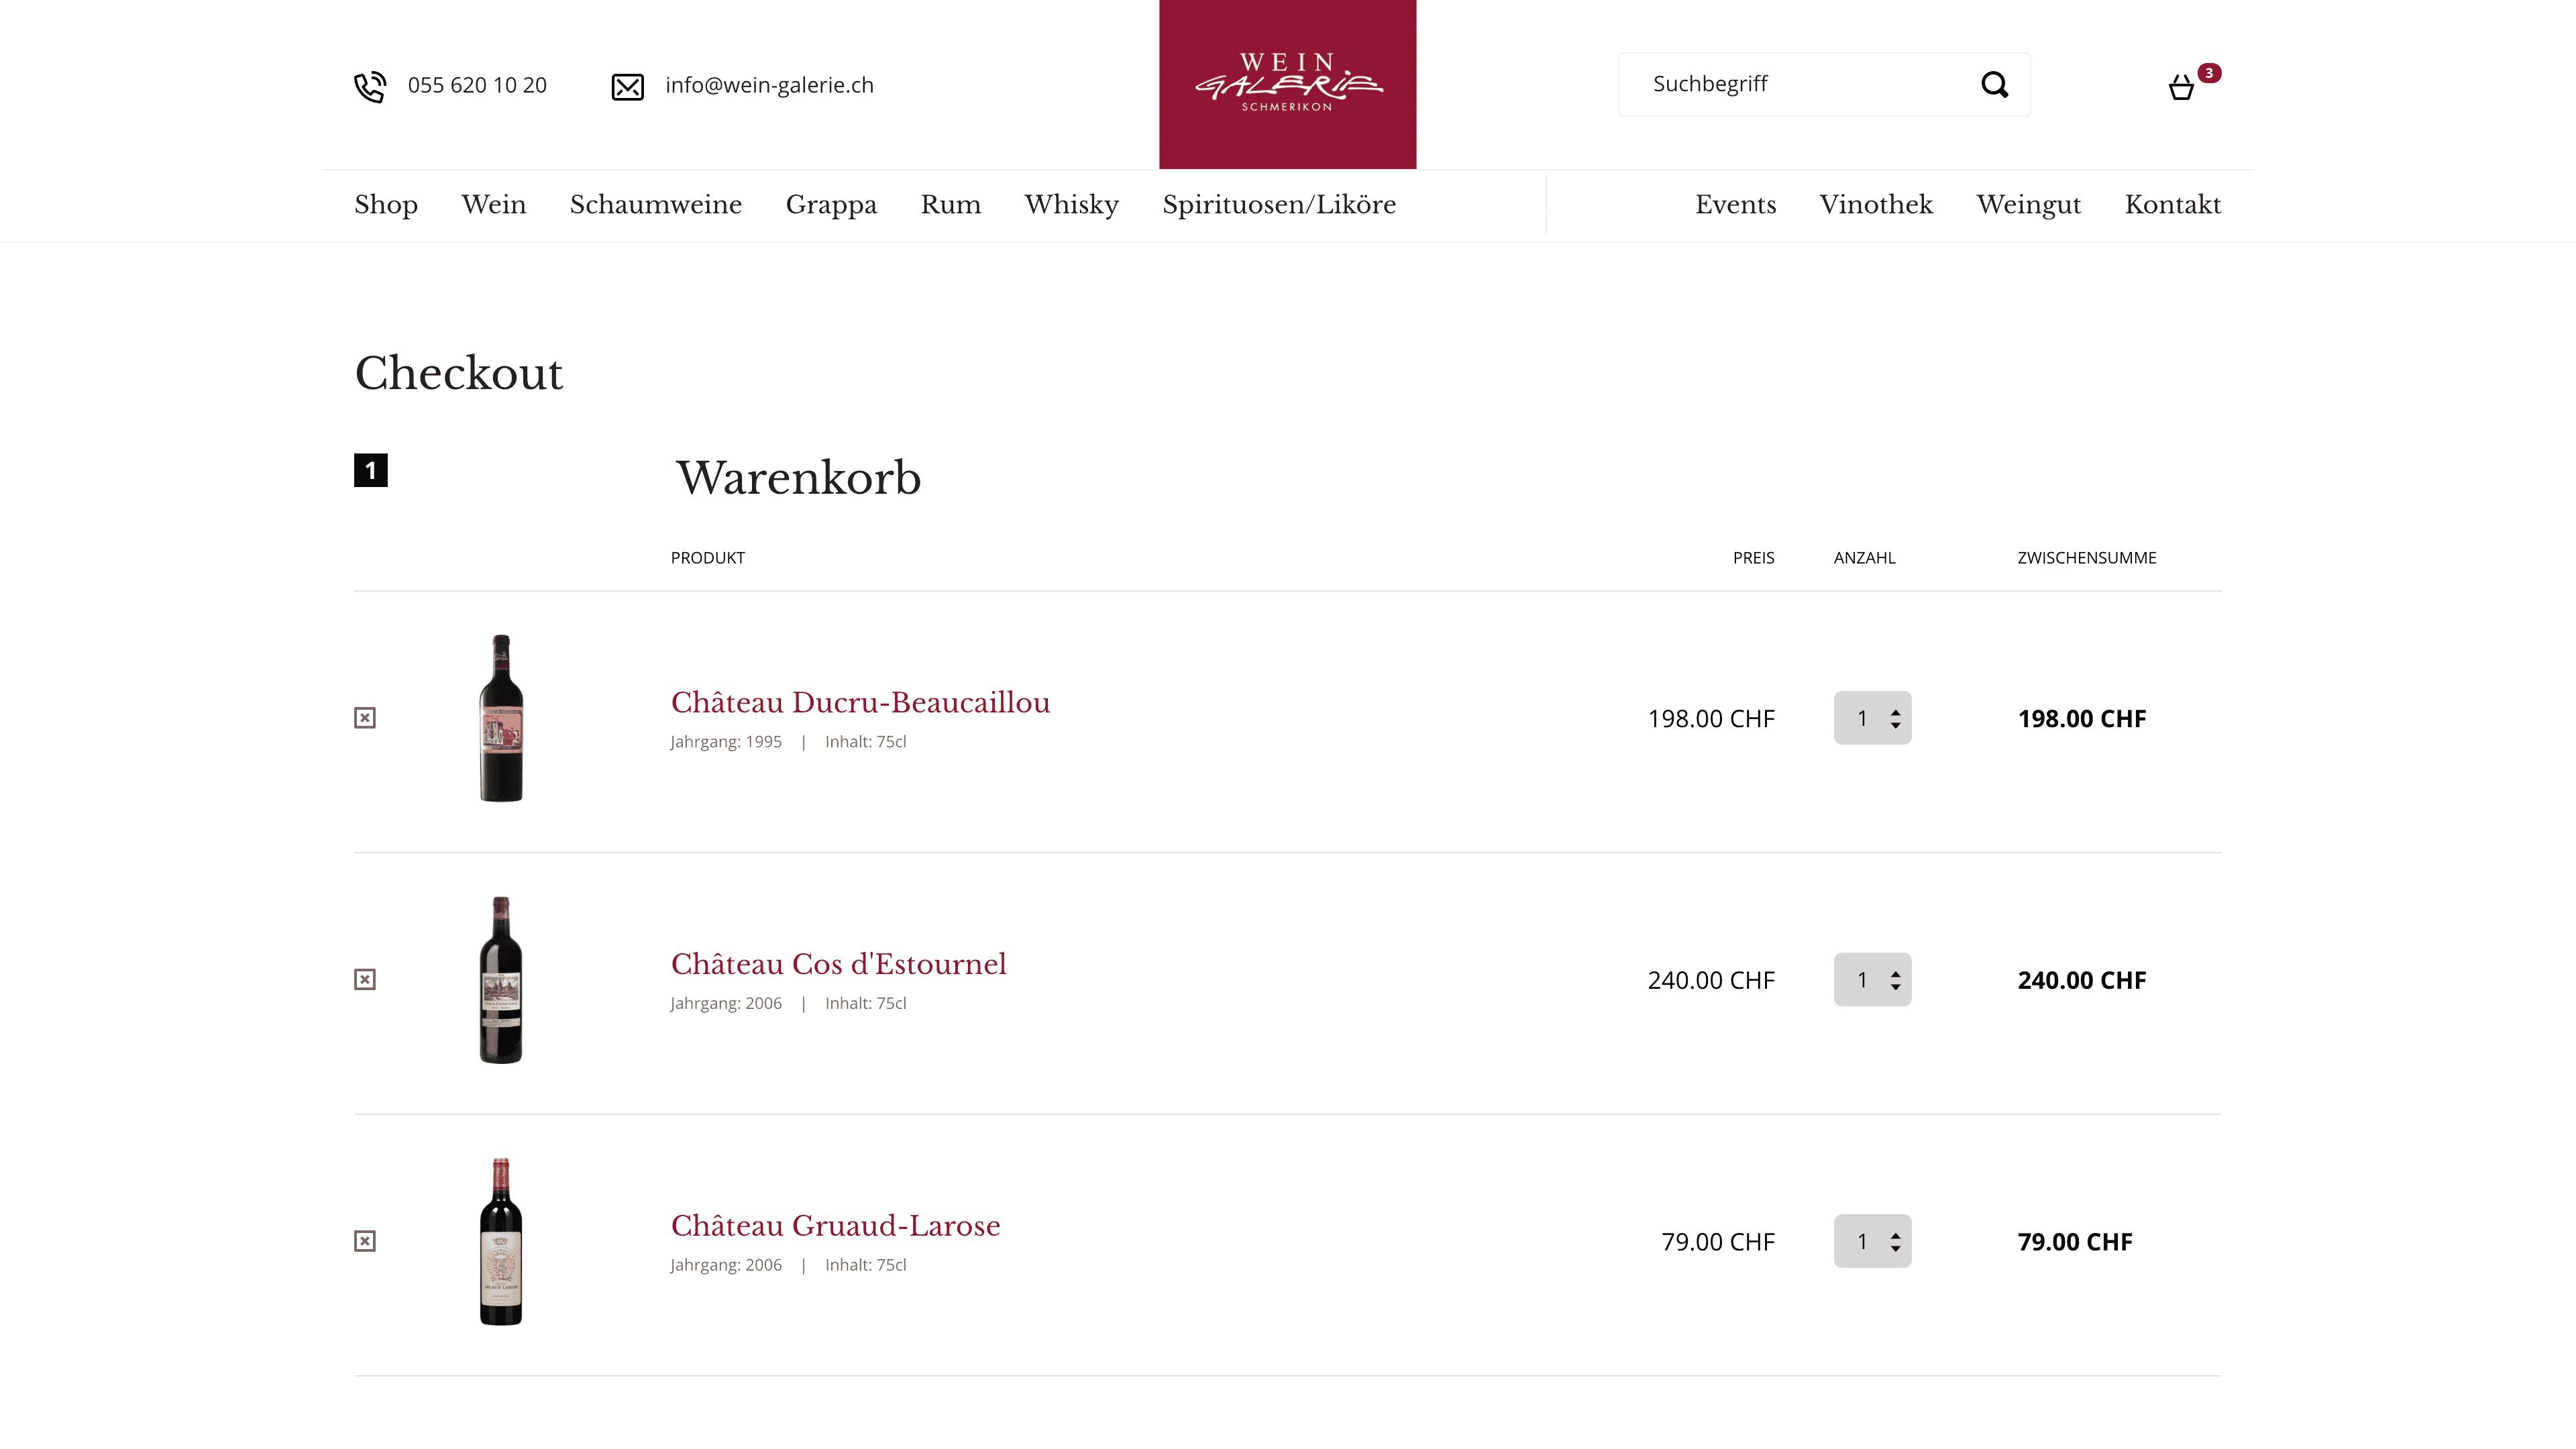 Wein Galerie Schmerikon - Webshop auf Wordpress mit WooCommerce - Webshop Warenkorb